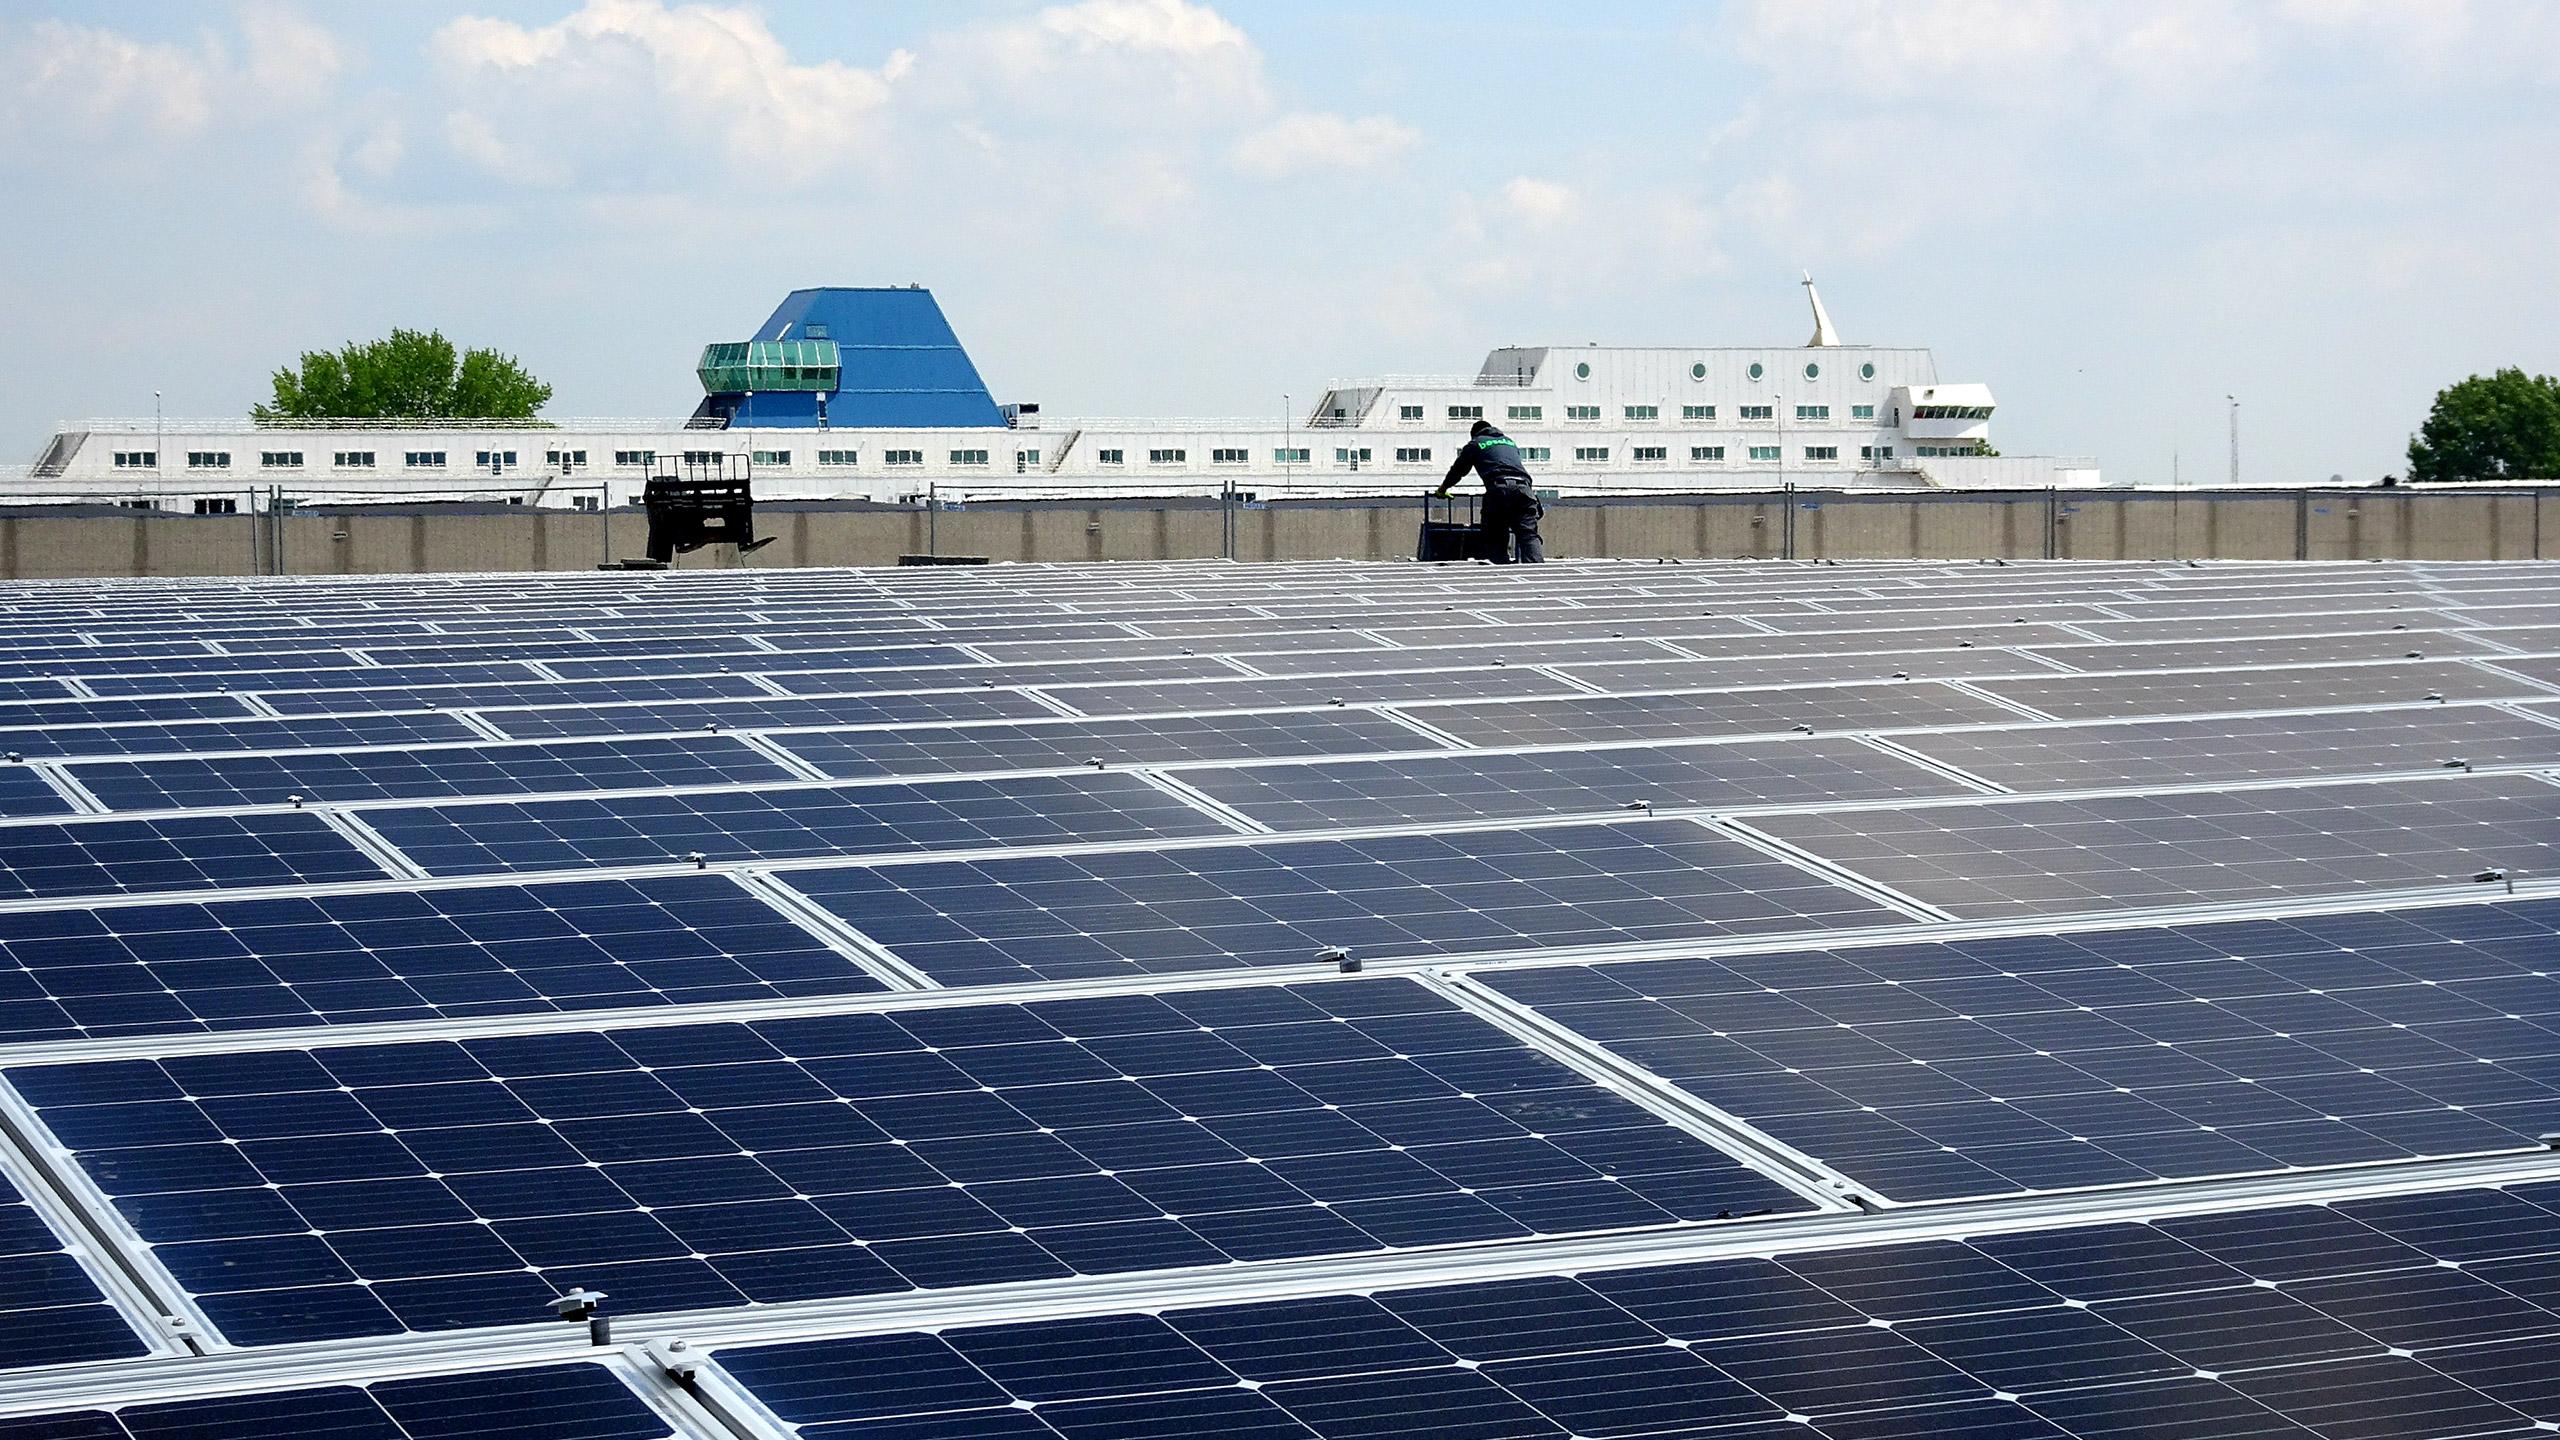 4 misvattingen over zonnepanelen